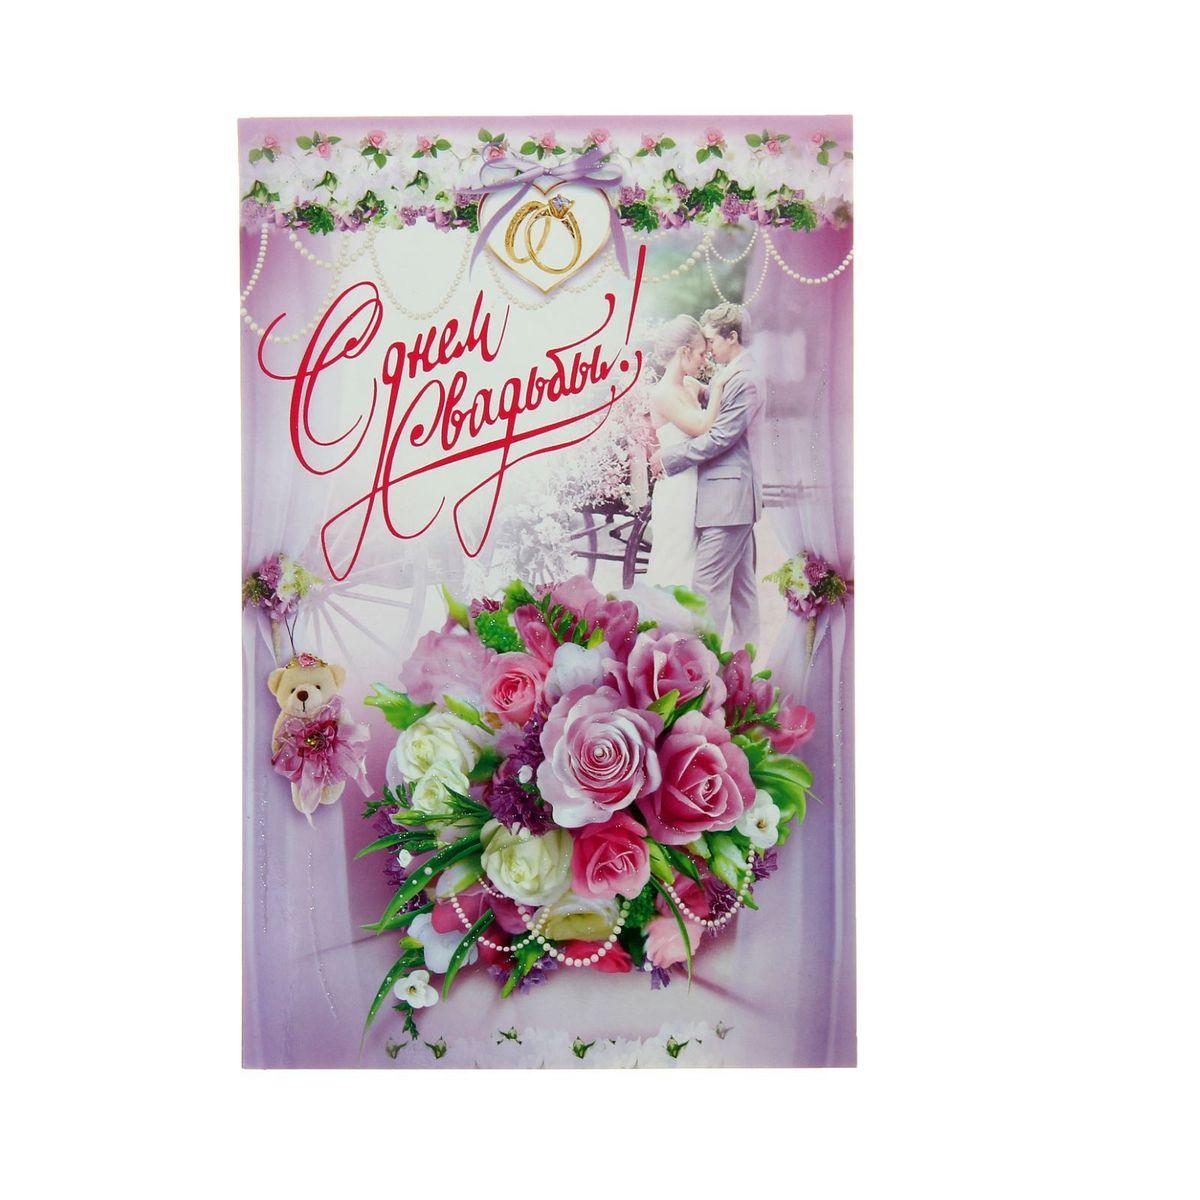 Открытка Эдельвейс С Днем свадьбы!. 11623001162300Если вы хотите порадовать себя или близких, создать праздничное настроение и с улыбкой провести памятный день, то вы, несомненно, сделали правильный выбор! Открытка Эдельвейс С днем свадьбы!, выполненная из плотной бумаги, отличается не только оригинальным дизайном, но и высоким качеством.